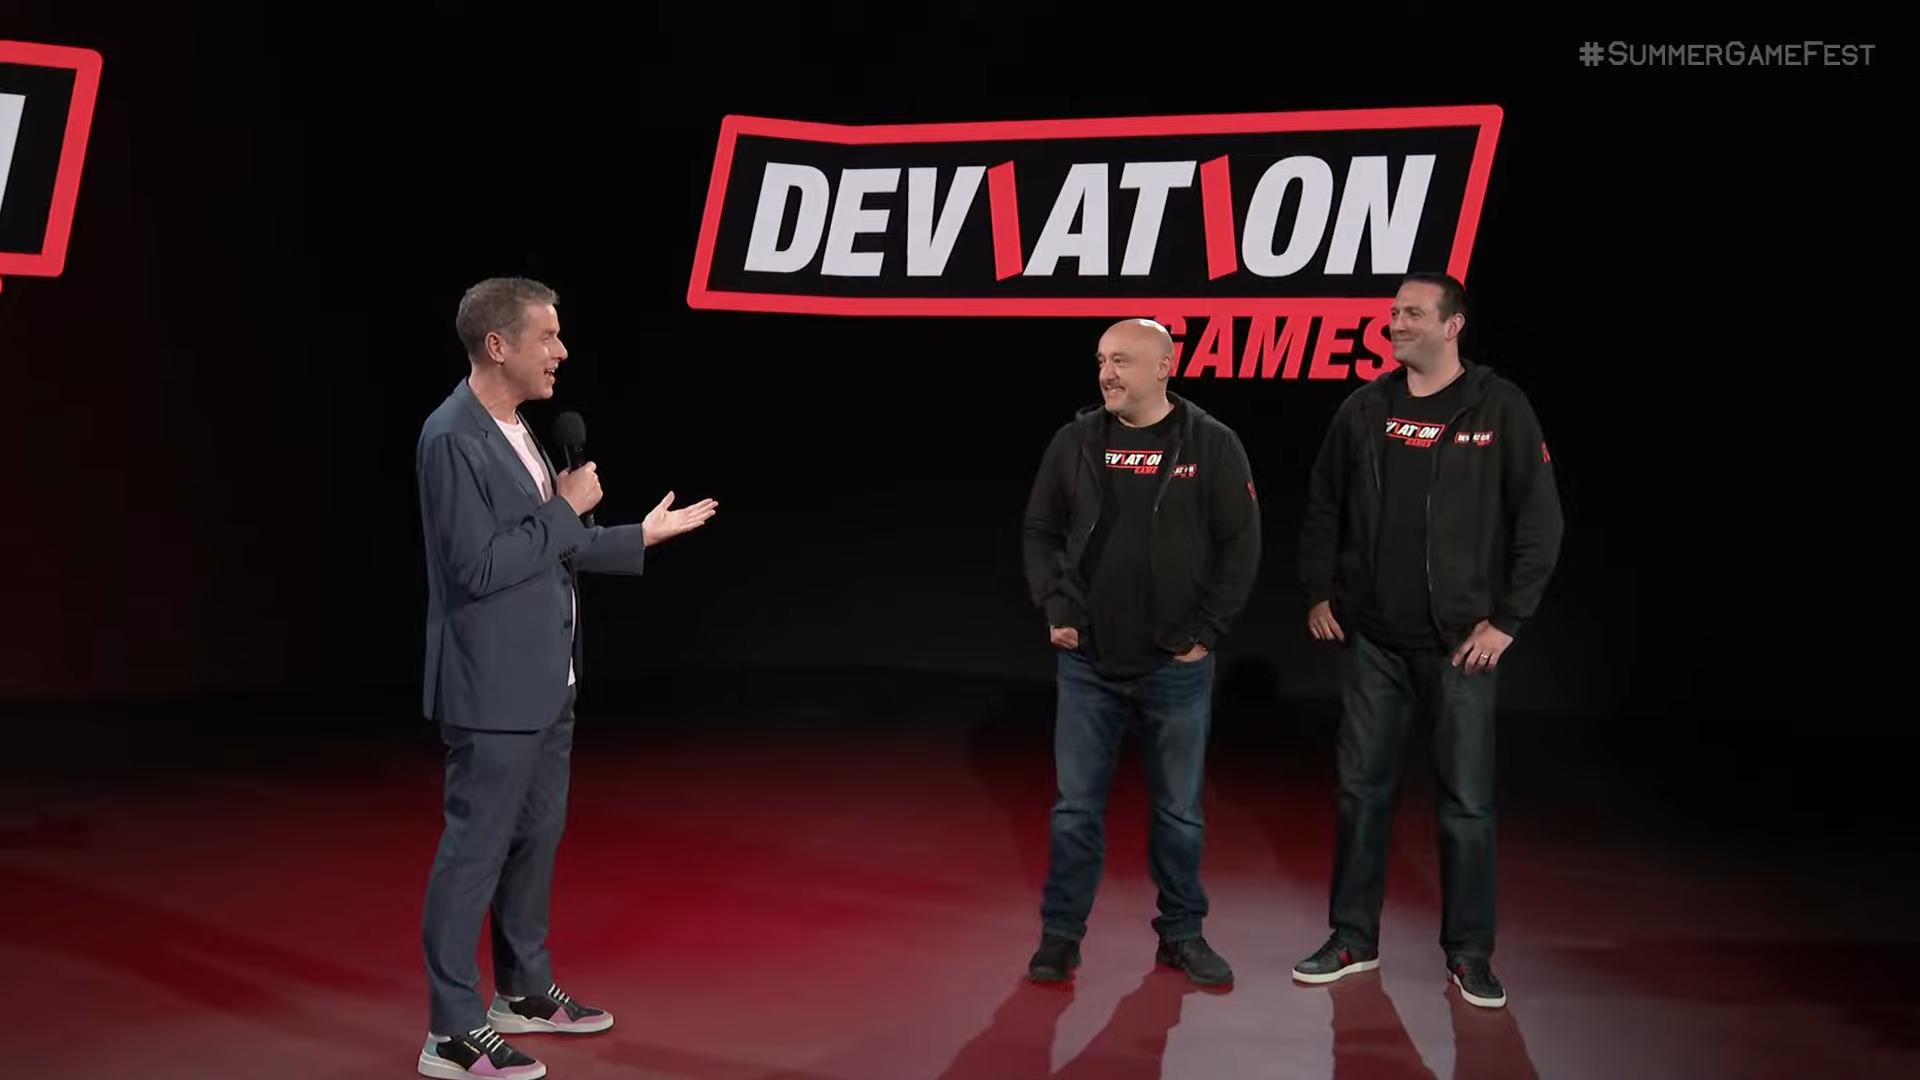 deviation-games-summer-game-fest